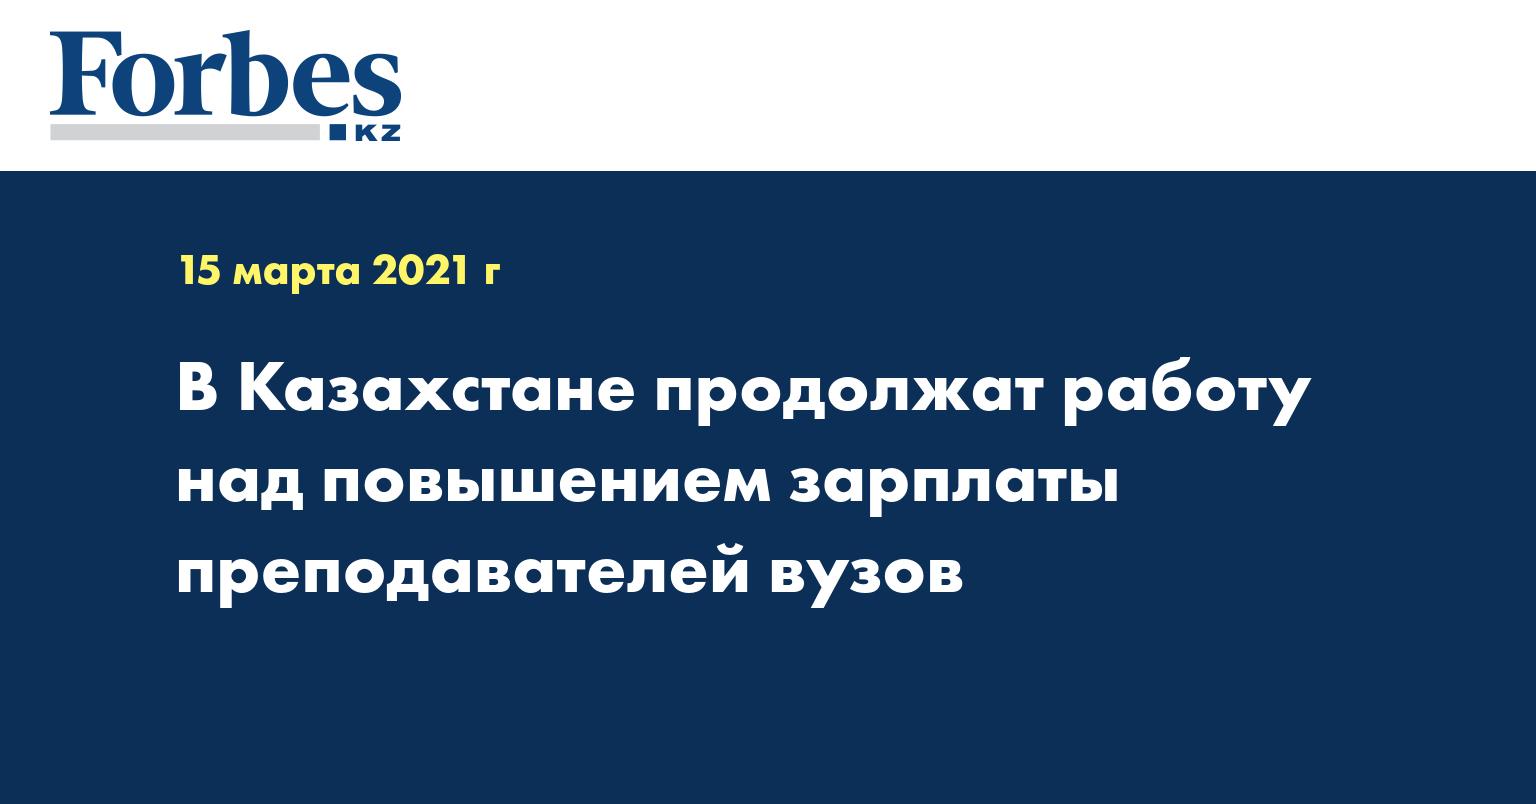 В Казахстане продолжат работу над повышением зарплаты преподавателей вузов